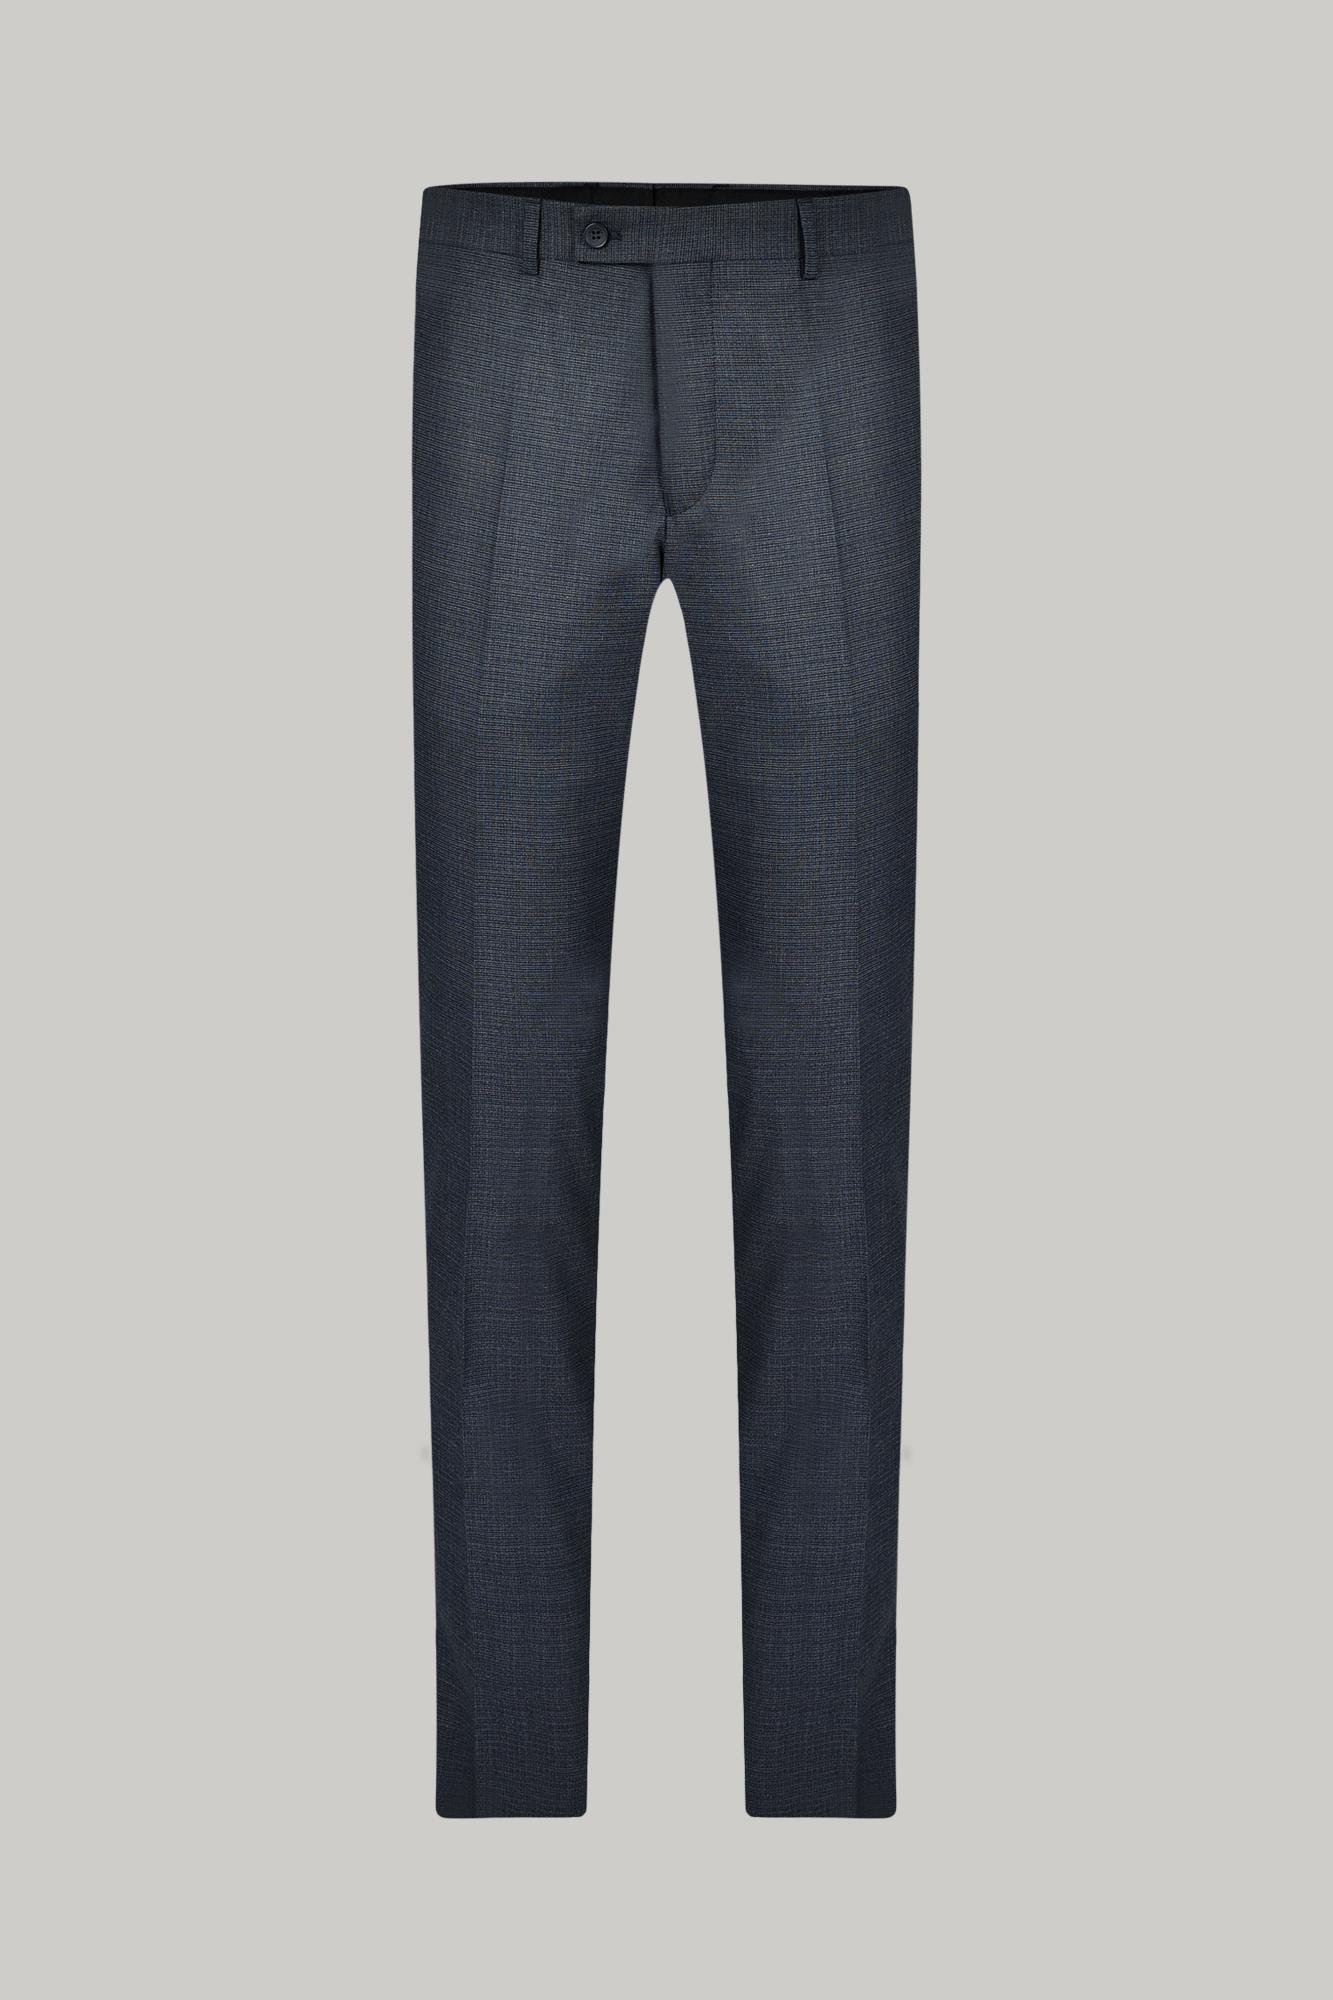 Продуктова снимка на мъжки елегантен панталон.